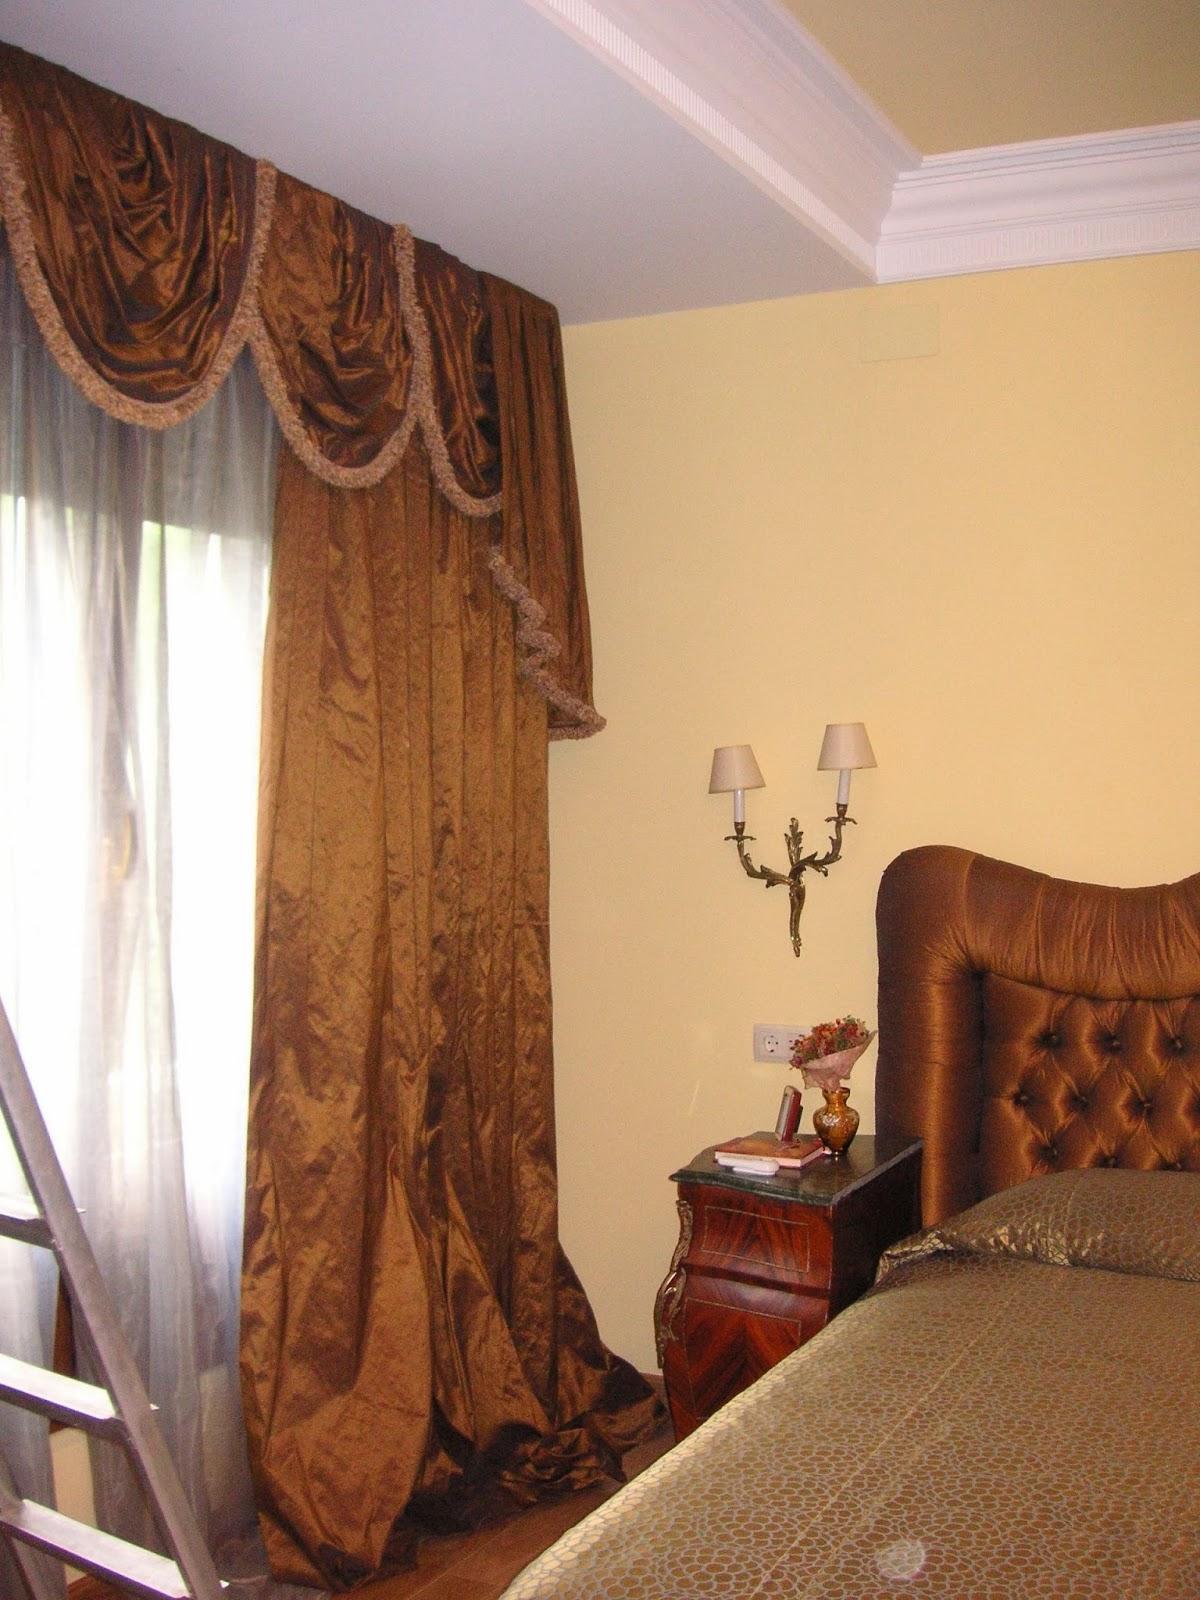 Conjunto Dormitorio: Cortinas, Visillos, Cabecero y Colcha